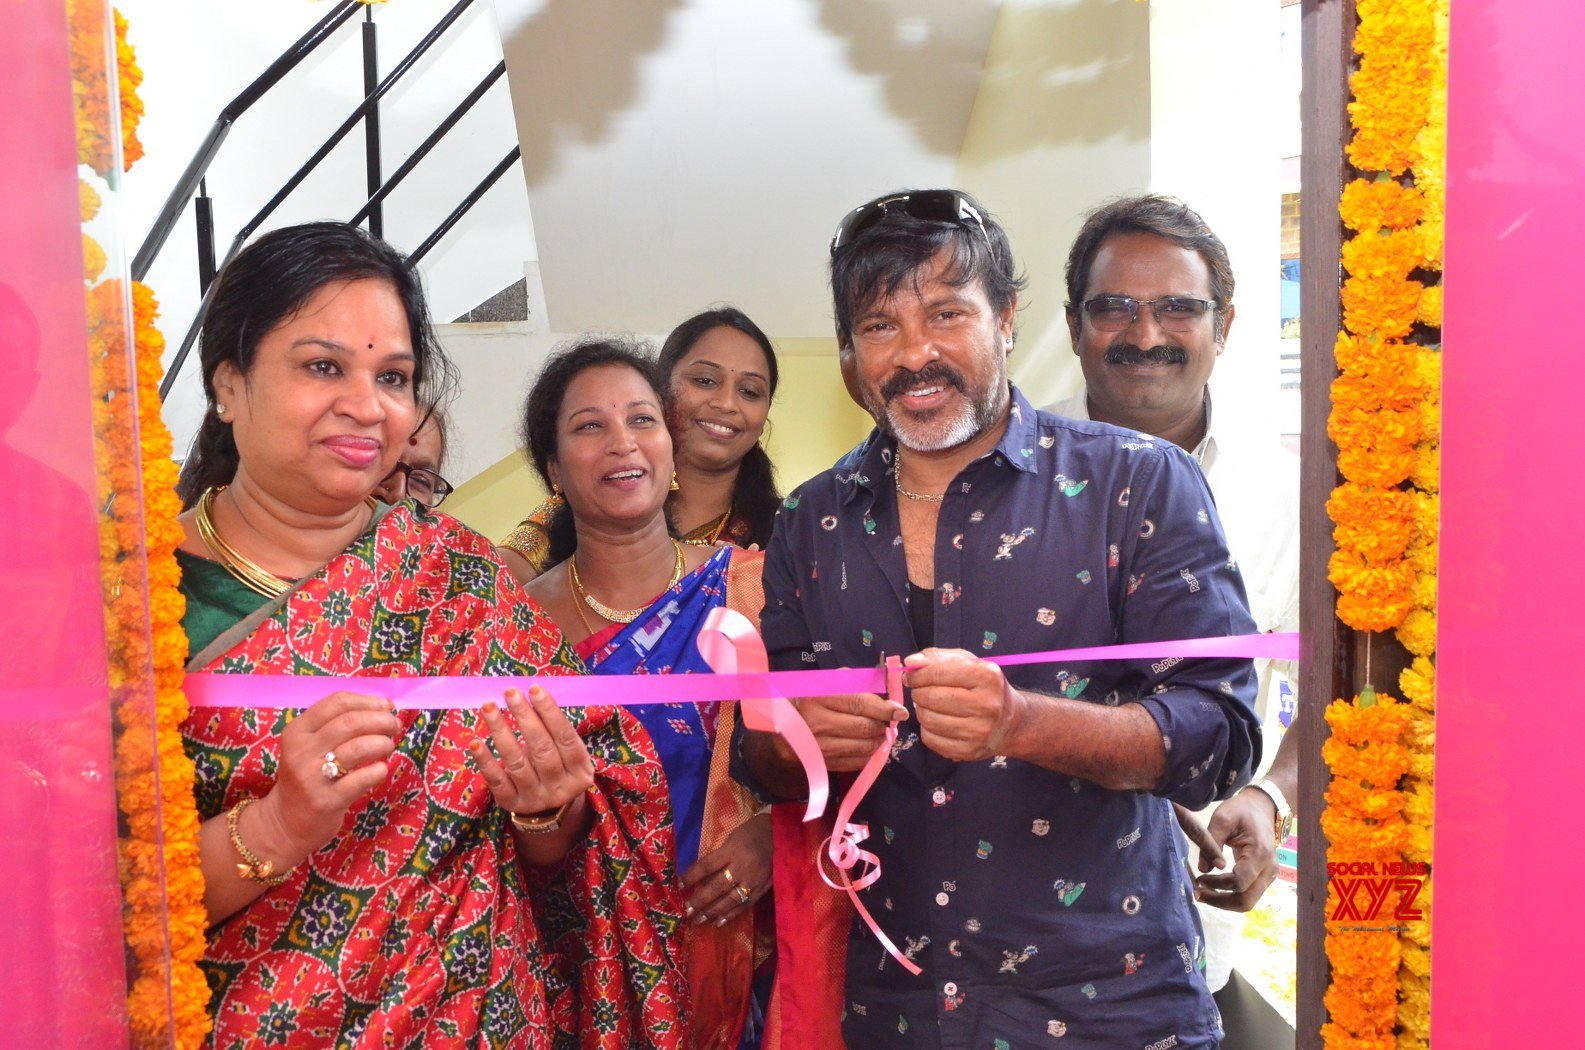 Chota K Naidu Launched Pinks N Bloos Beauty Salon And Spa At Manikonda - Gallery